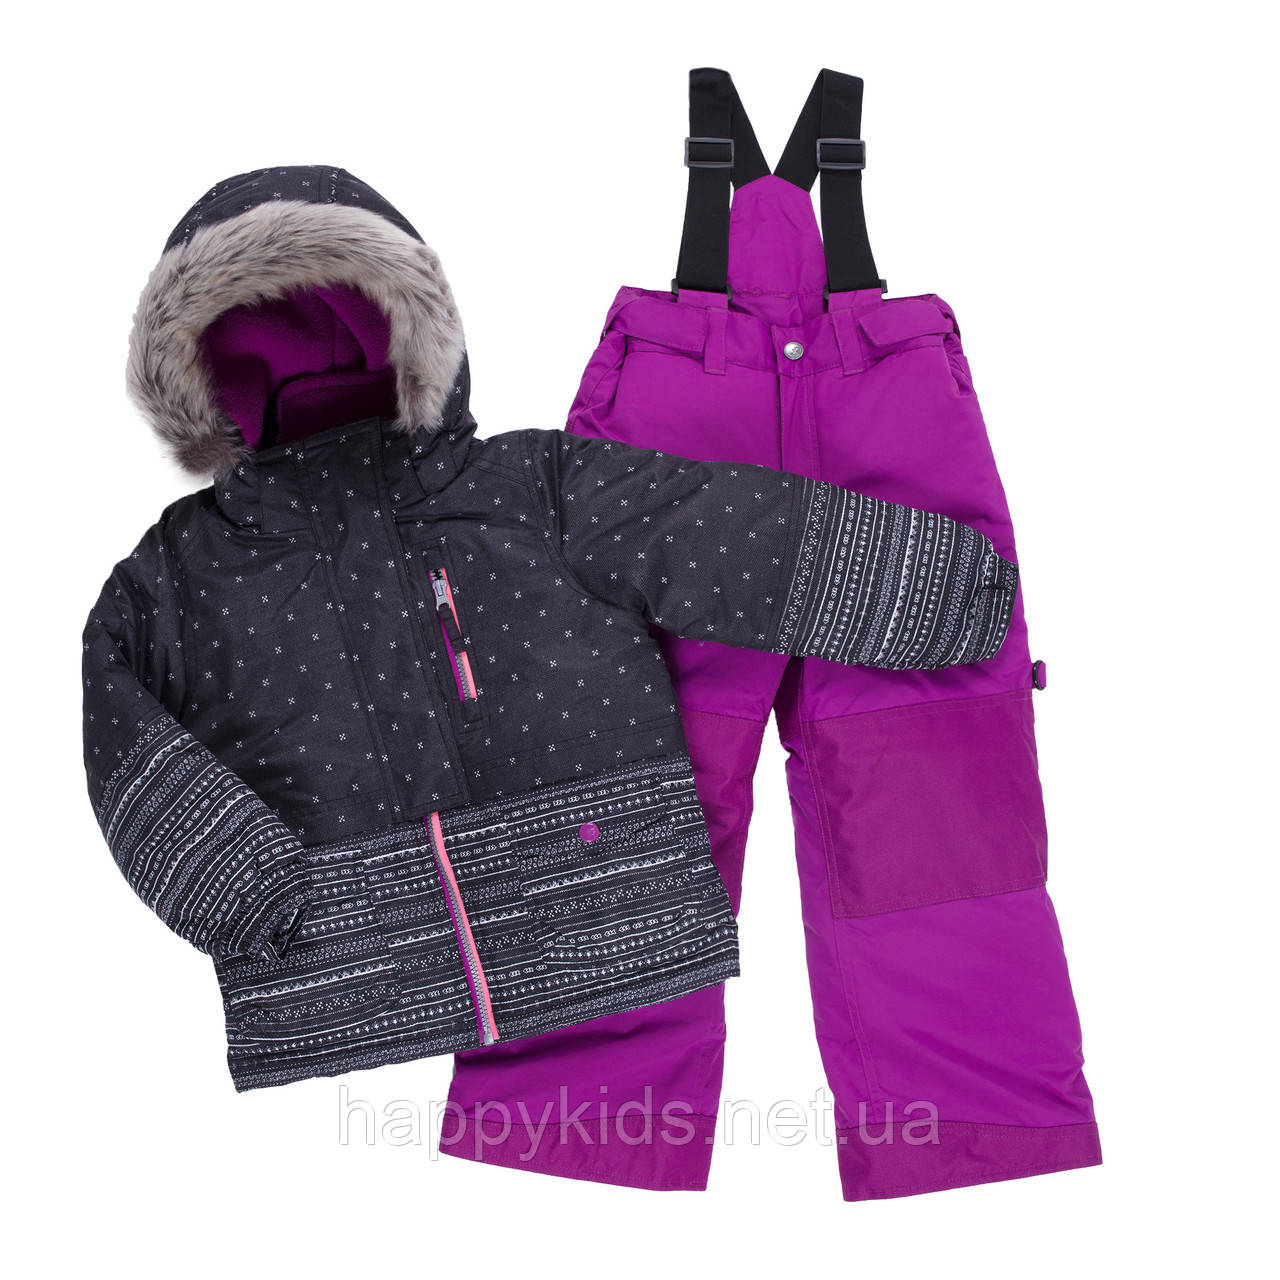 Зимний костюм для девочки PELUCHE & TARTINE F19M56EF Black/Dahlia. Размеры 3 - 8 лет.